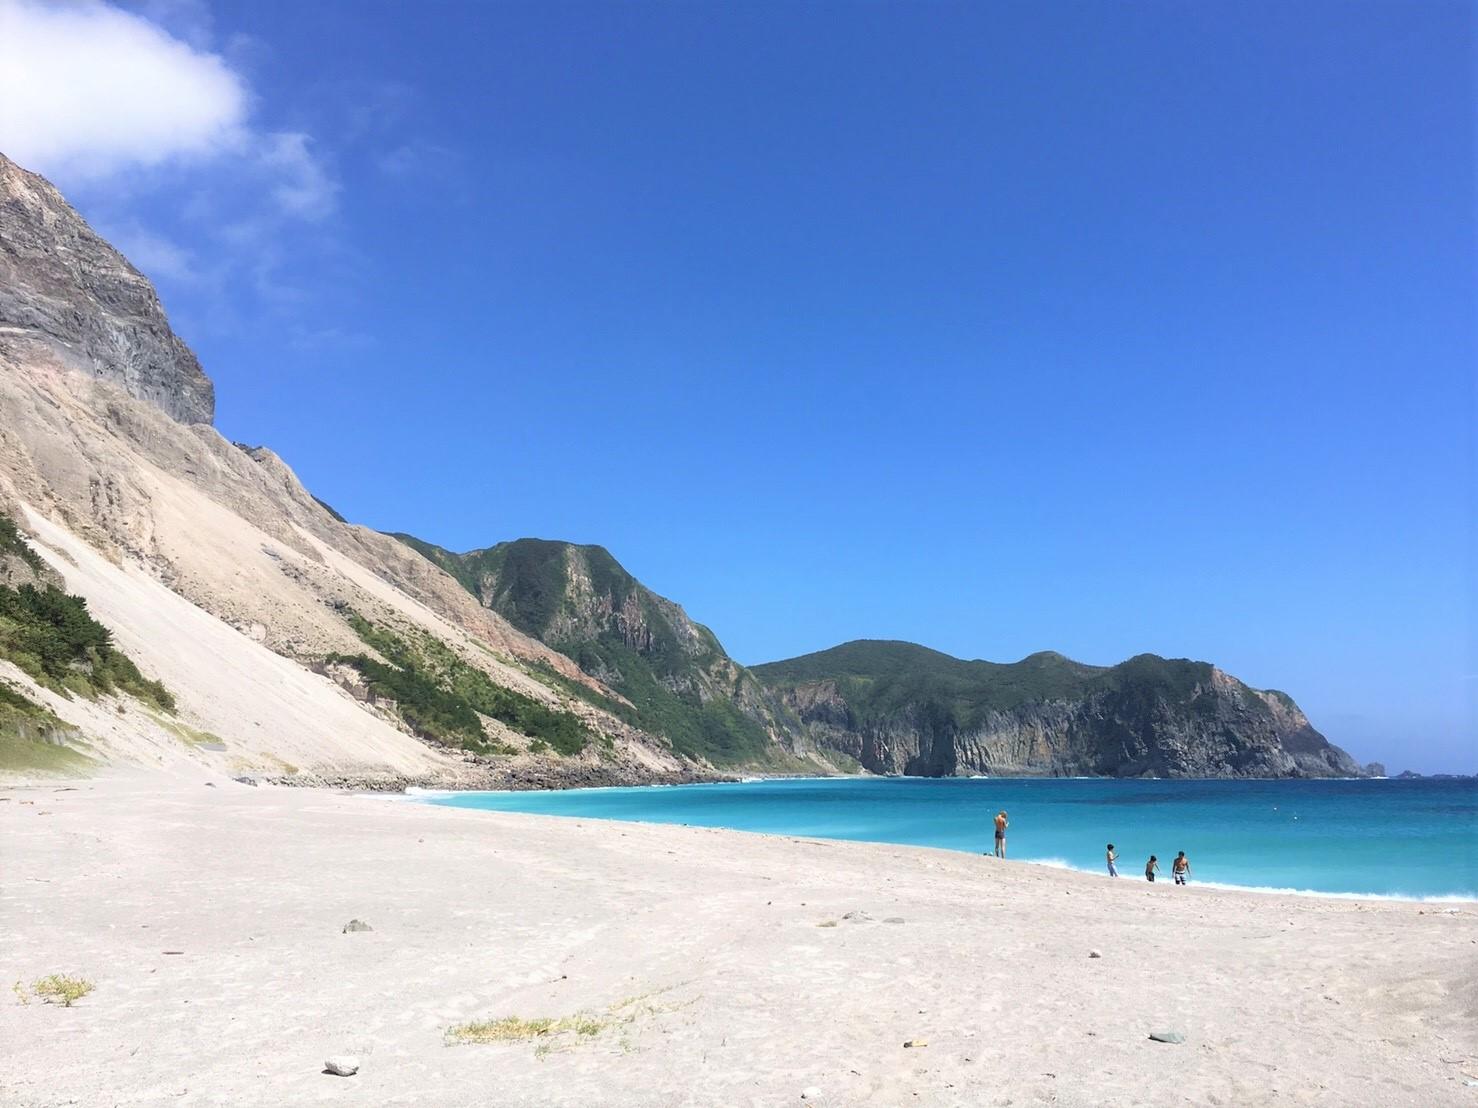 夏の神津島の海がやばすぎた!東京からフェリーで3時間の旅行をした感想☆